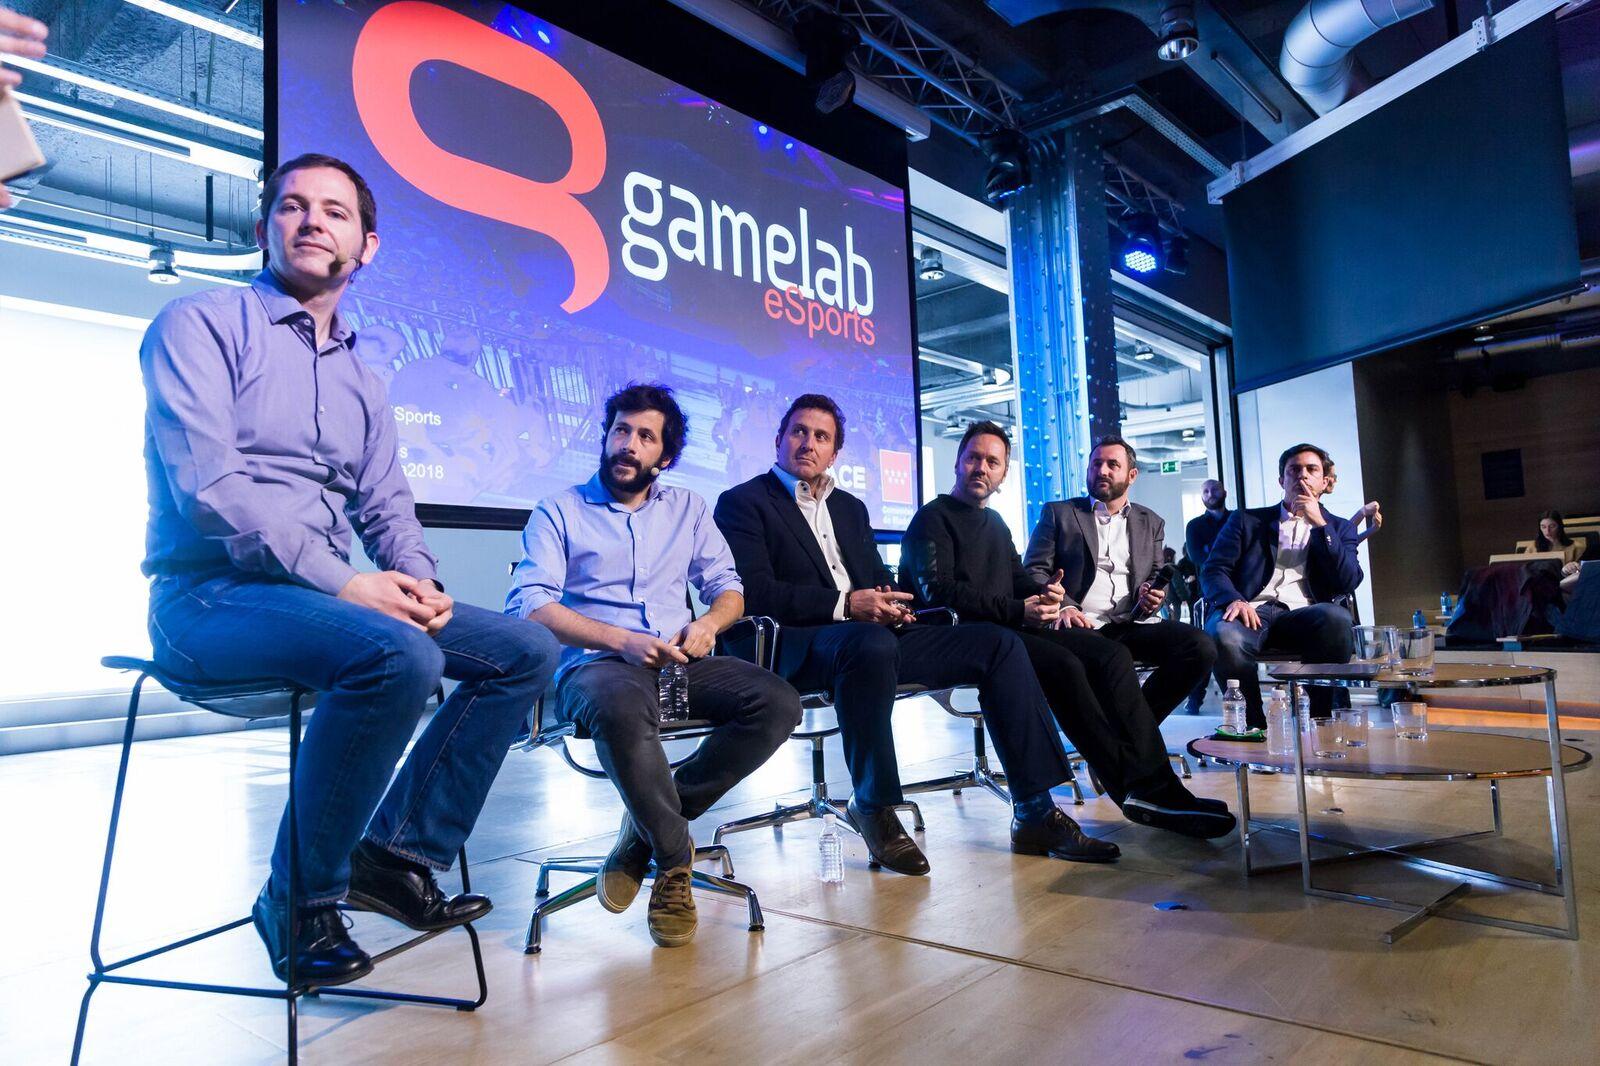 Gamelab Esports